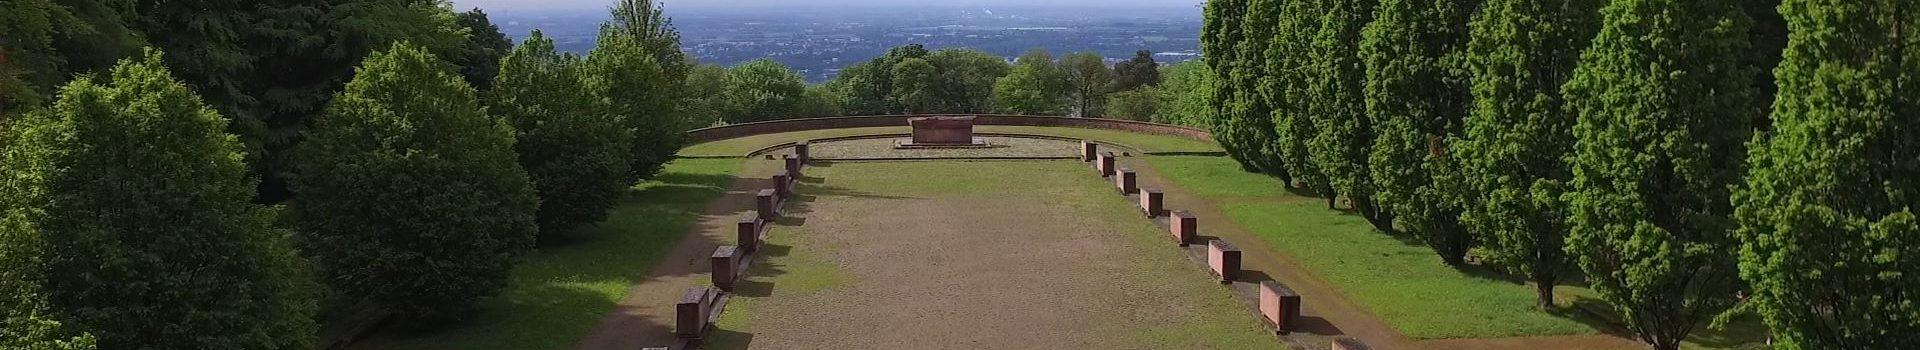 Neues Video: Mit der Drohne am Heidelberger Ehrenfriedhof